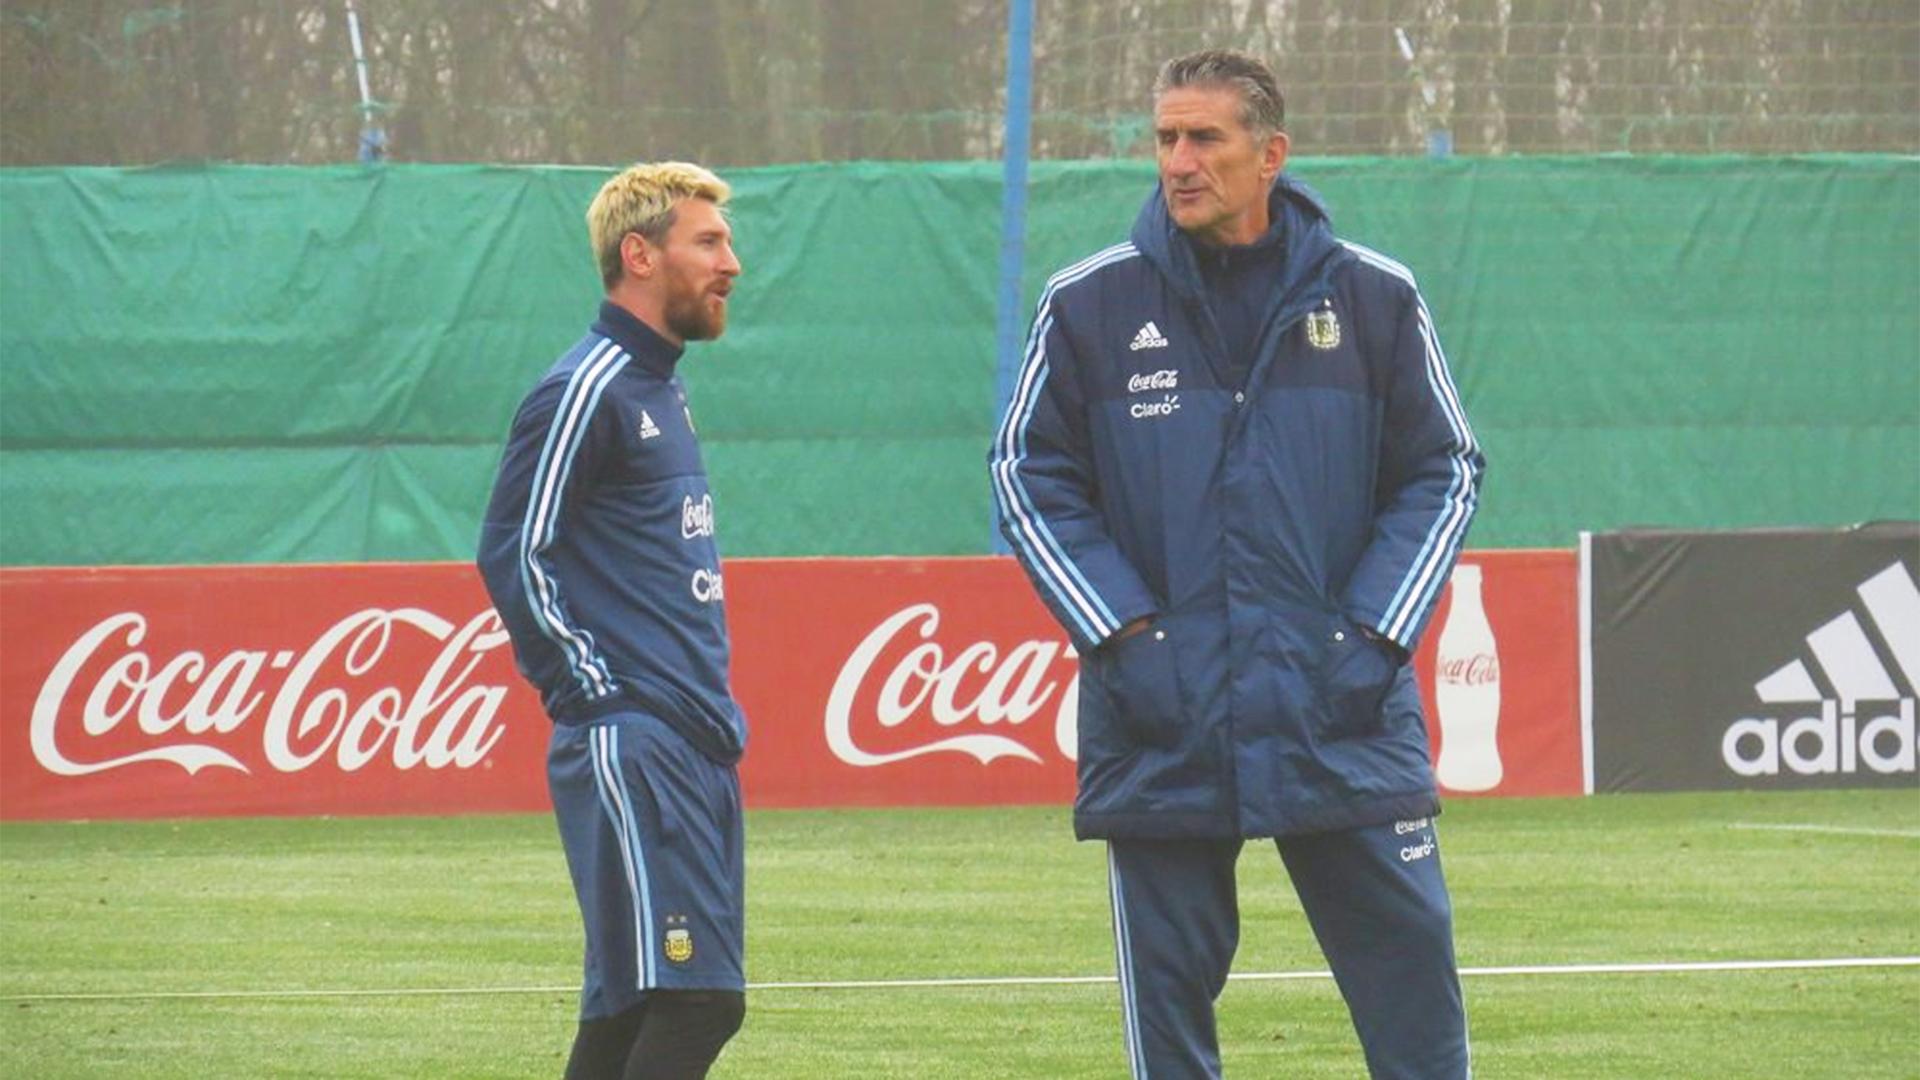 Messi es desequilibrante y cambia el partido contra Argentina — Muslera